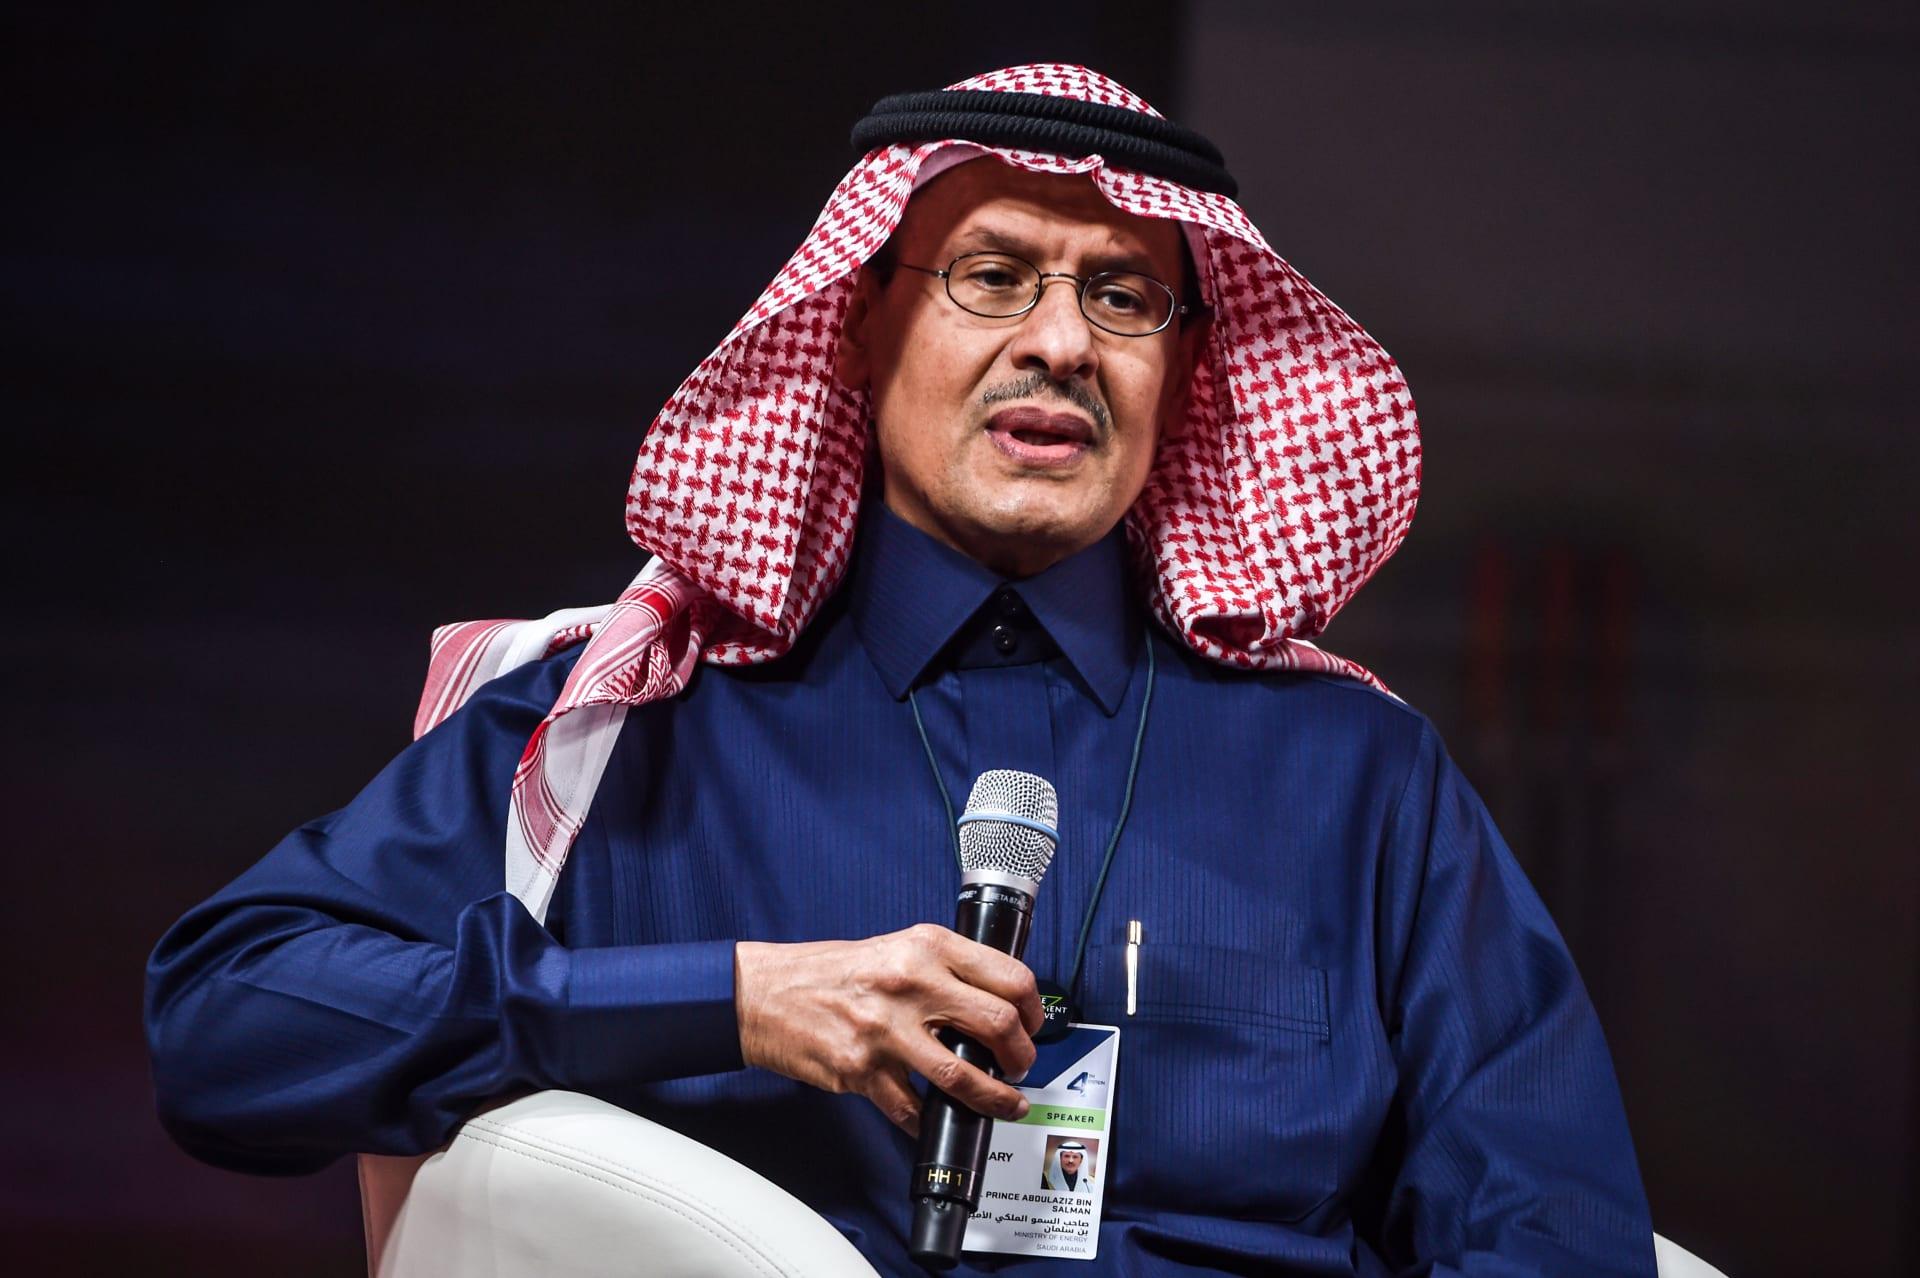 وزير الطاقة السعودي: تعديلات إنتاج النفط خففت أثر صدمة كورونا